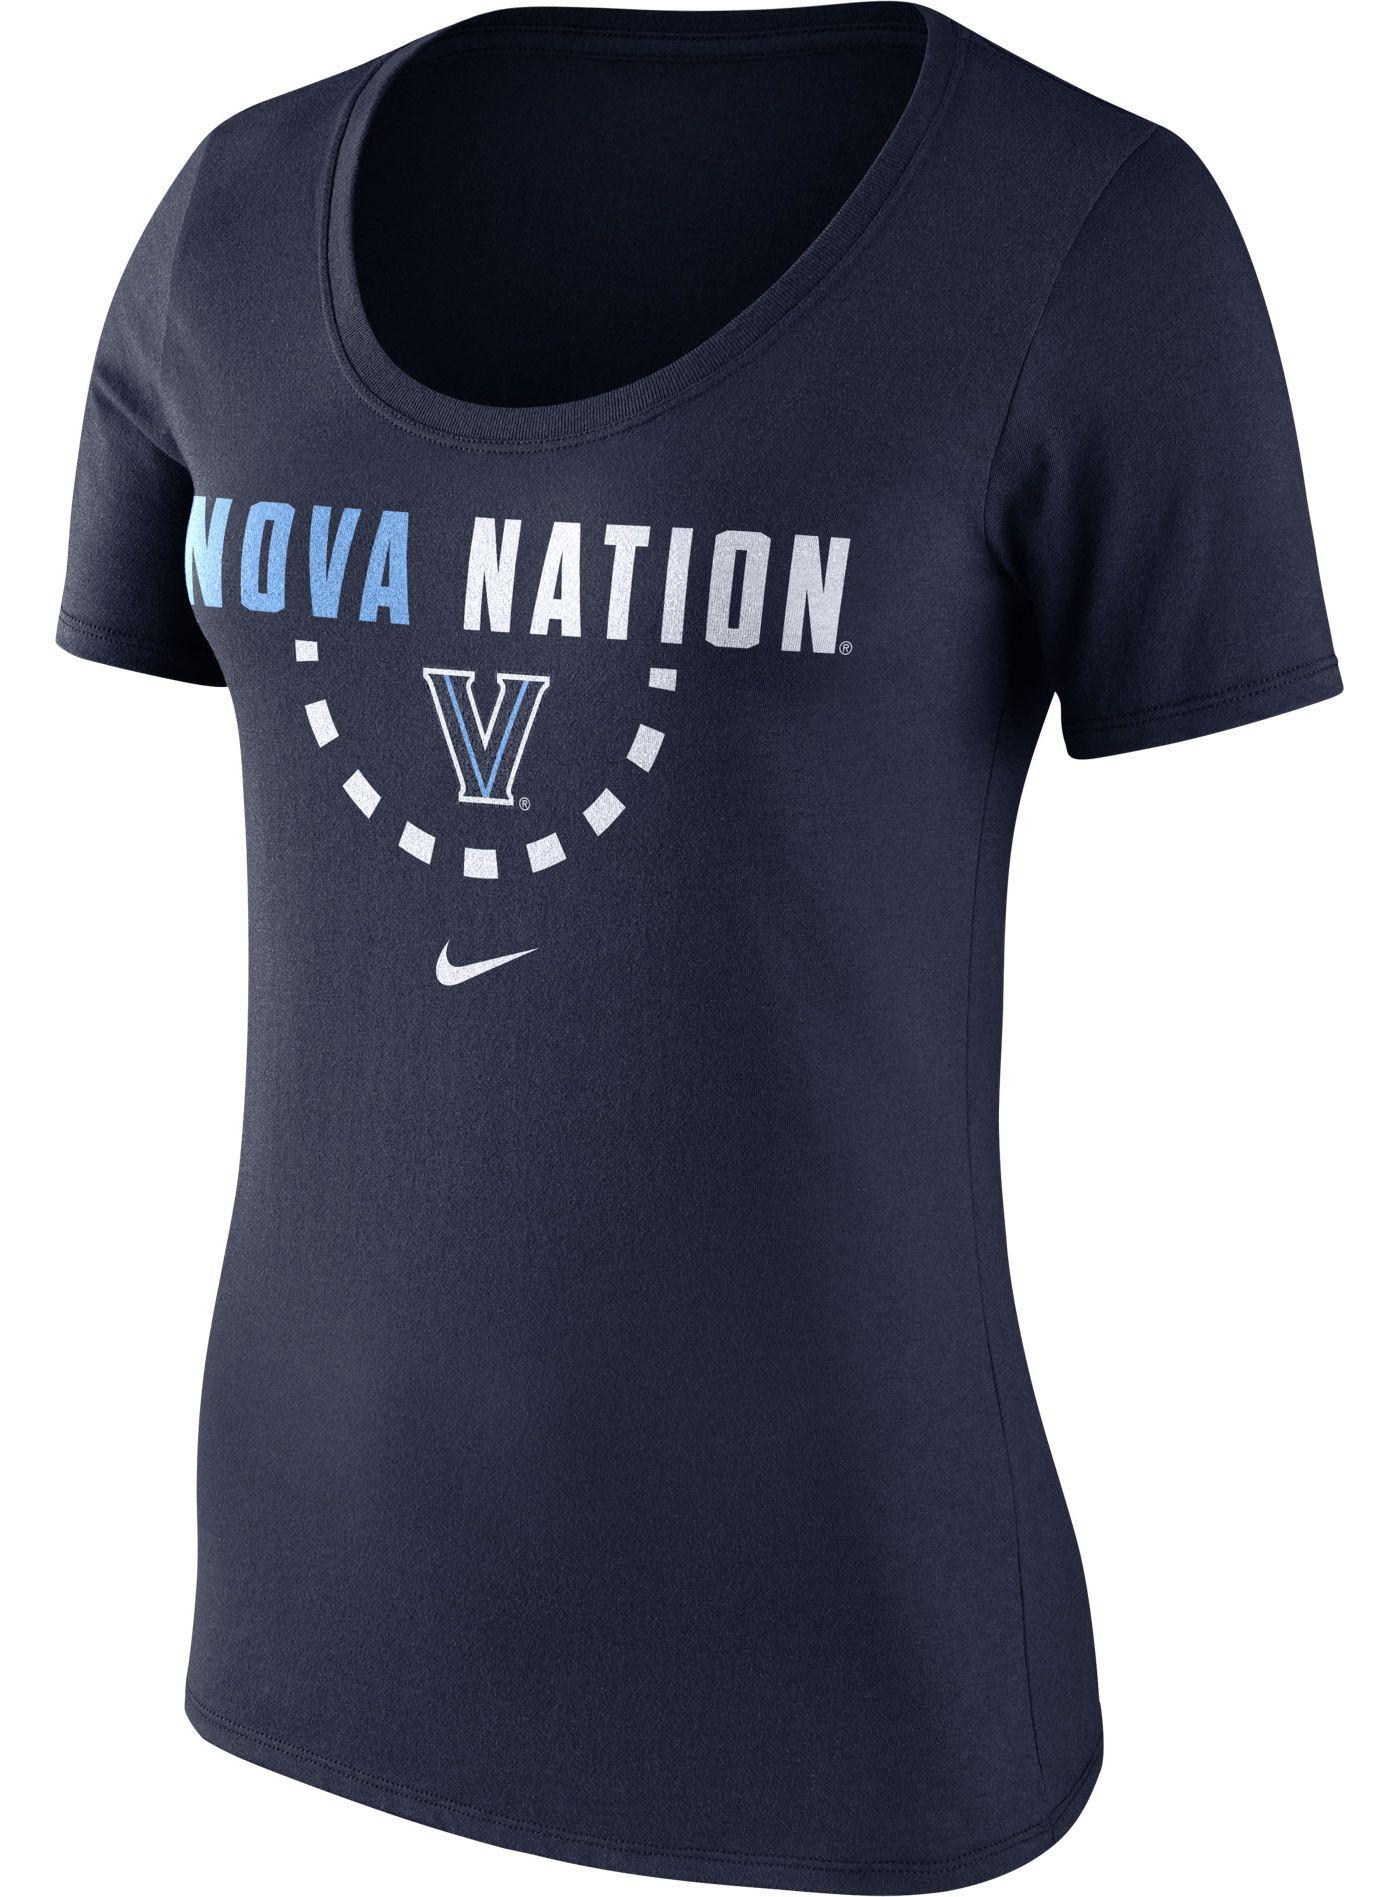 Nike Women's Villanova Wildcats Navy Basketball Mantra T-Shirt